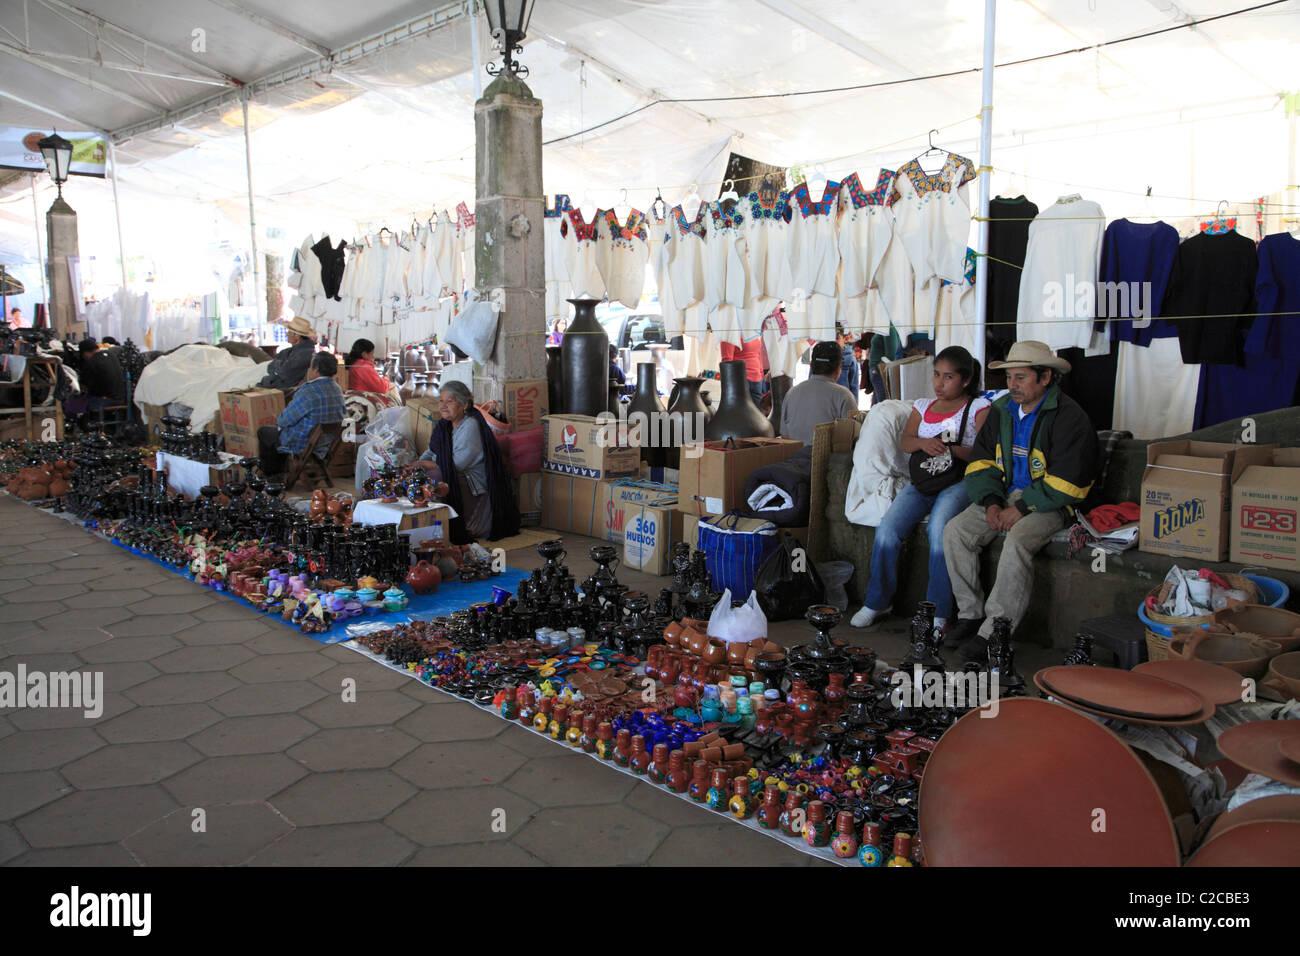 Handicraft market, Day of the Dead, Patzcuaro, Michoacan state, Mexico, North America - Stock Image